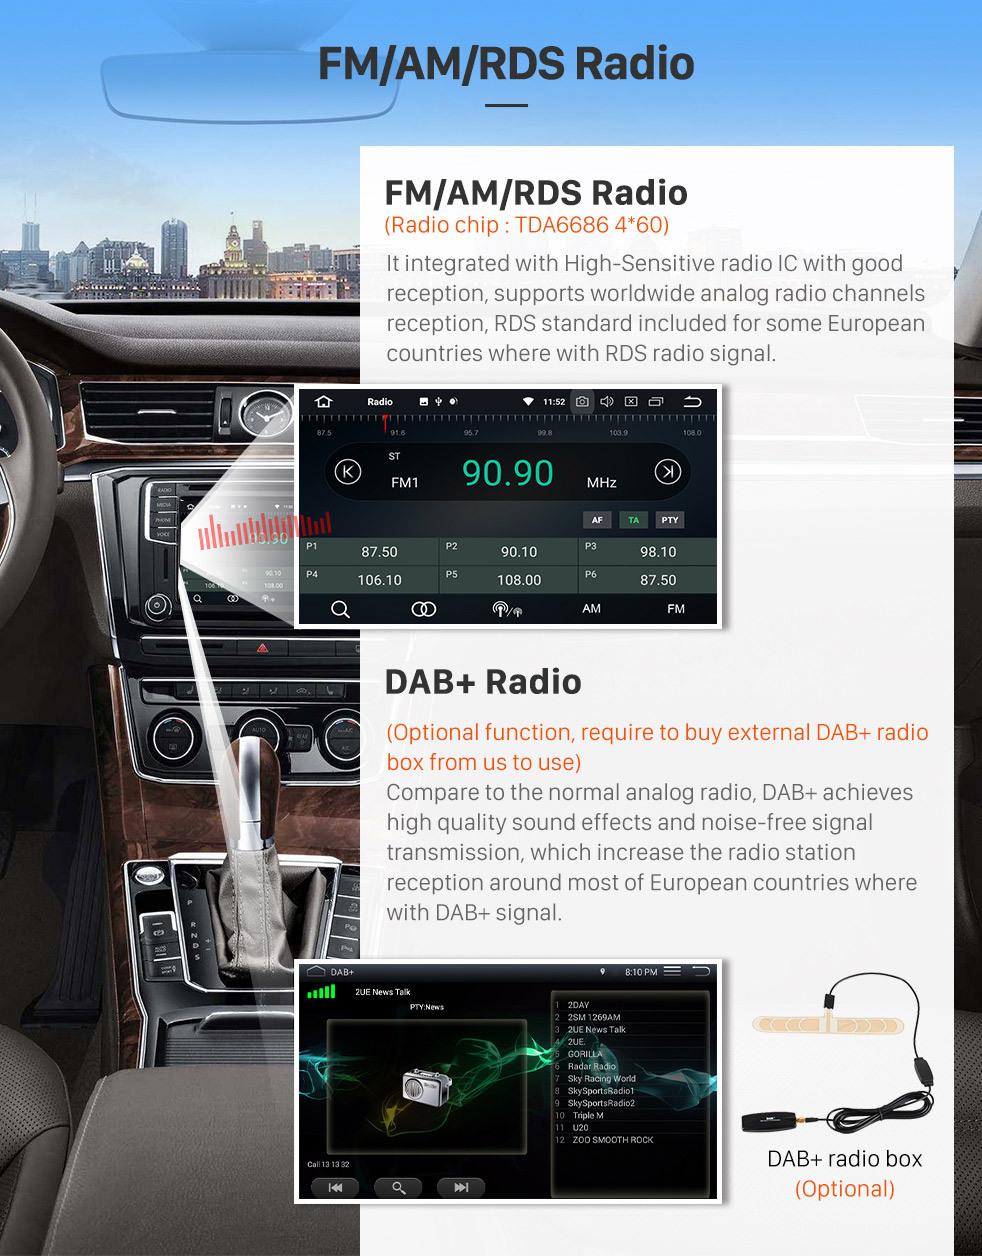 Seicane Tela multi-touch de 7 polegadas Android 9.0 sistema de Rádio Leitor de DVD GPS Navigation 2005-2012 Mercedes Benz GL CLASSE X164 GL320 com Bluetooth USB SD WiFi Canbus 1080P Video Link Espelho